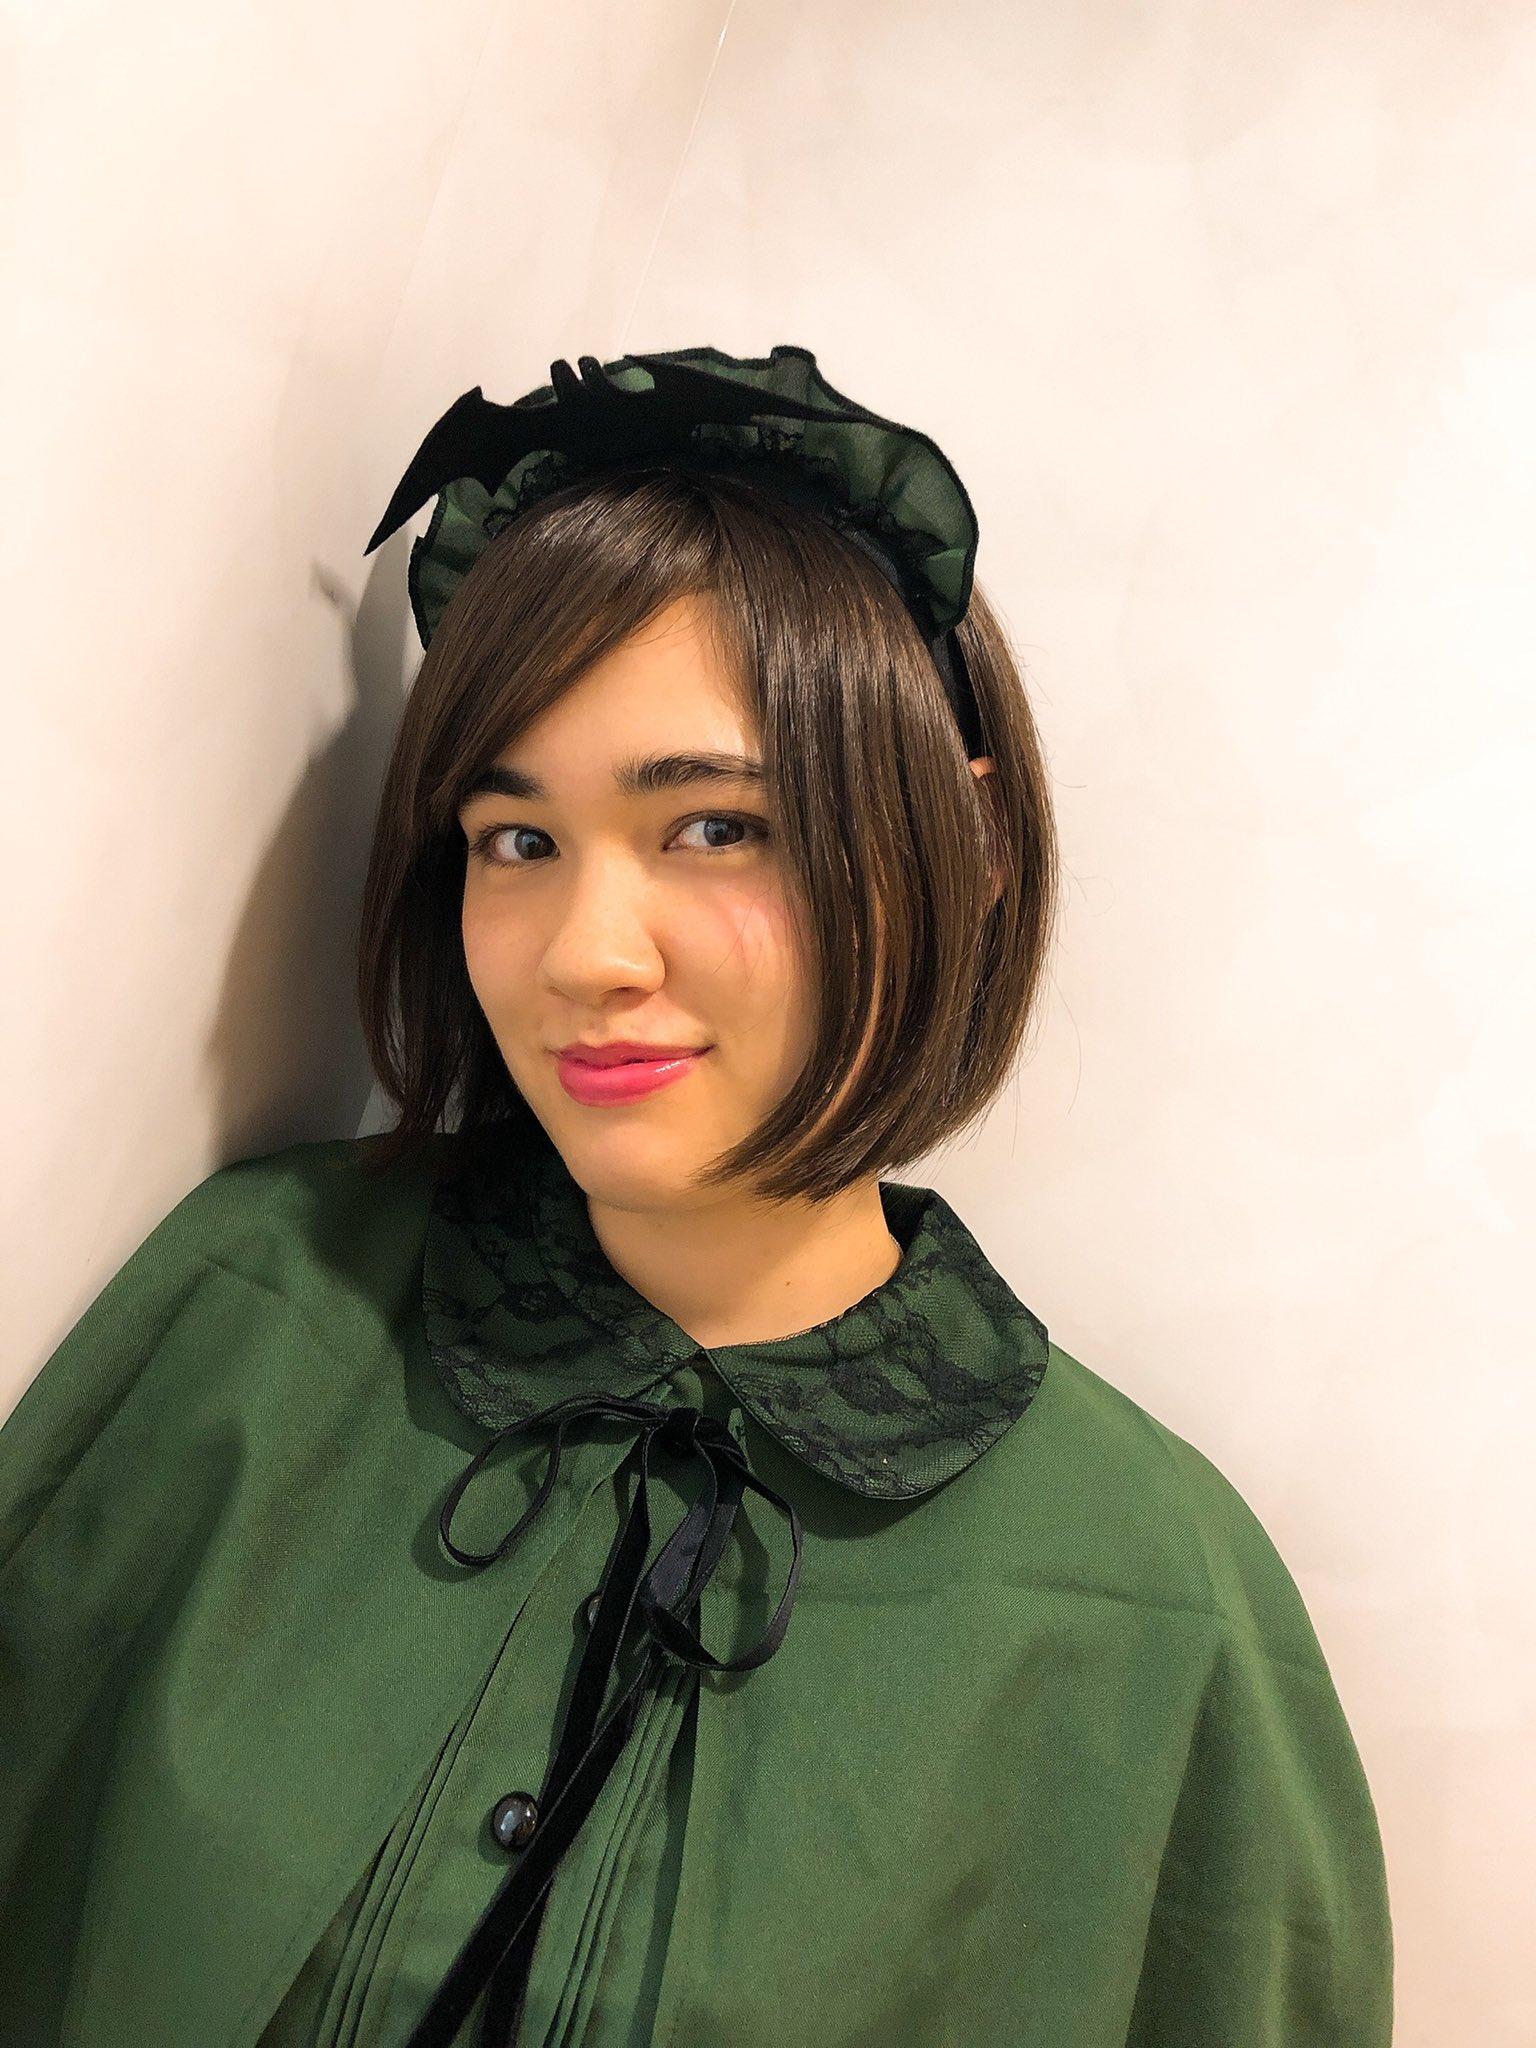 緑色の服を着ている声優のイブ優里安